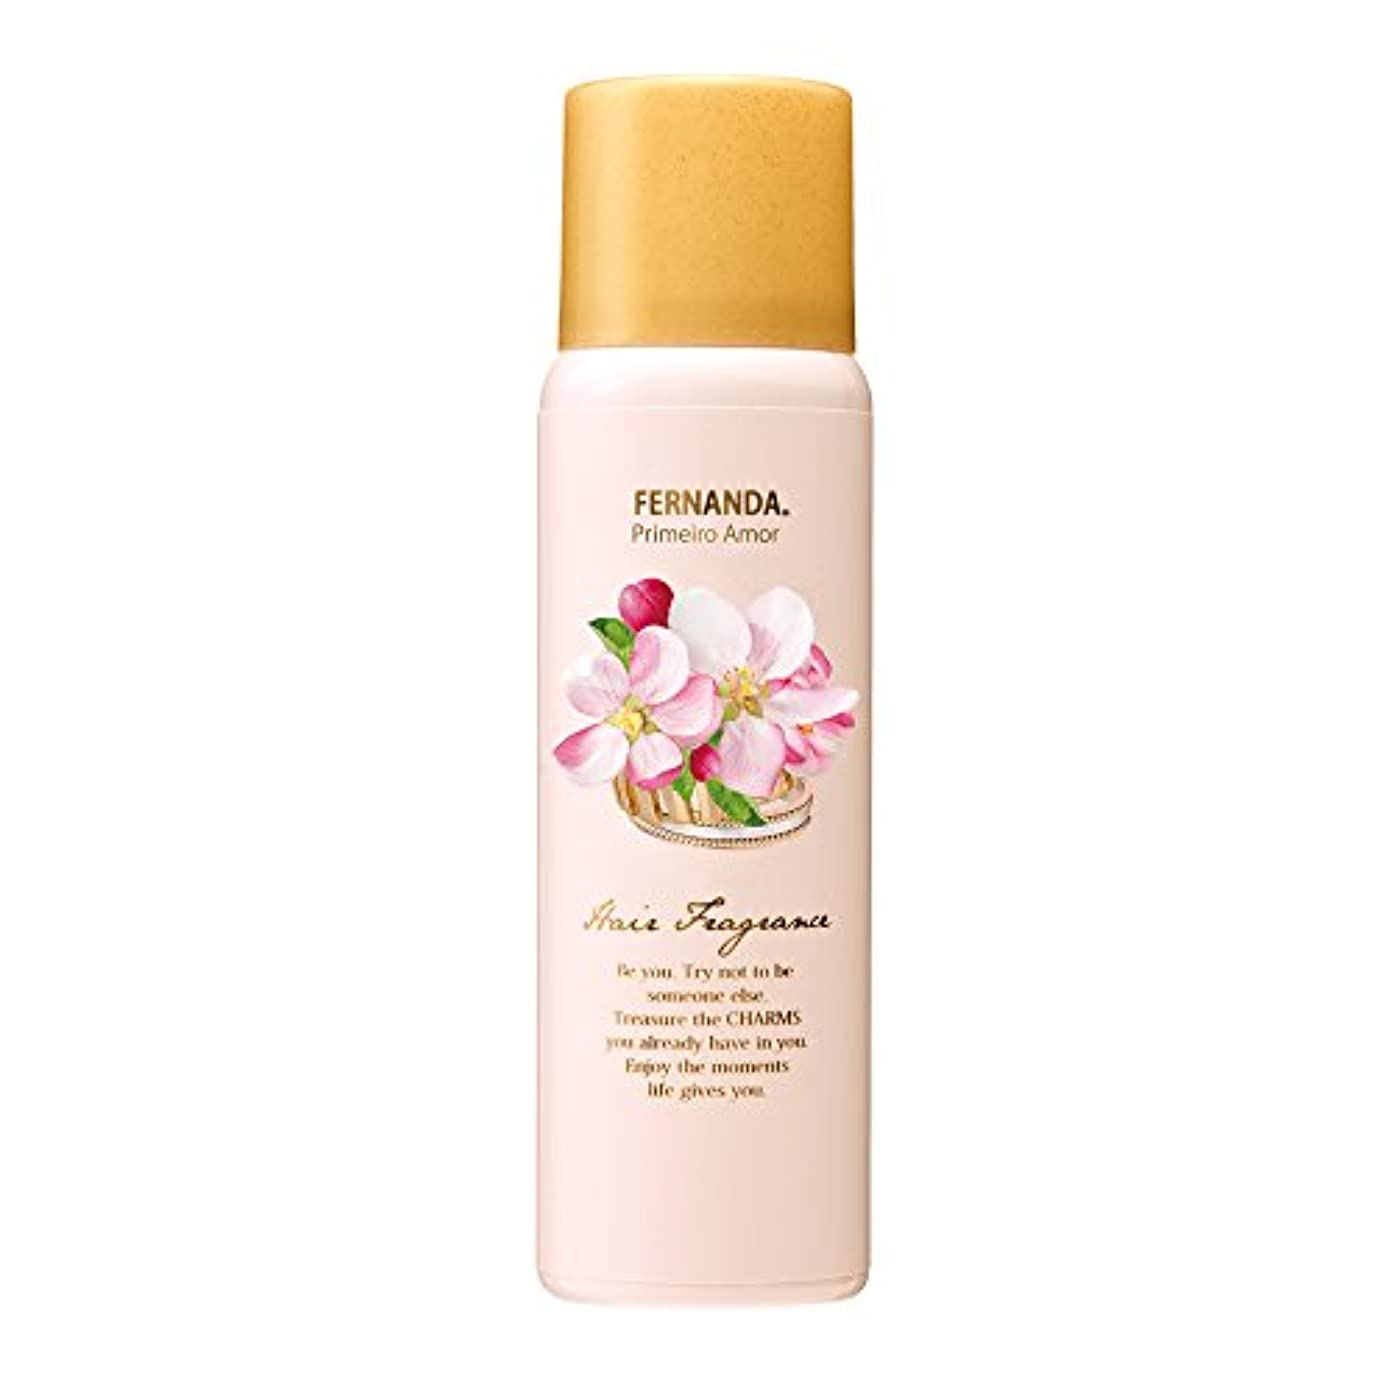 氏ワーム傾斜FERNANDA(フェルナンダ) Hair Fragrance Primeiro Amor (ヘアフレグランス プリメイロアモール)